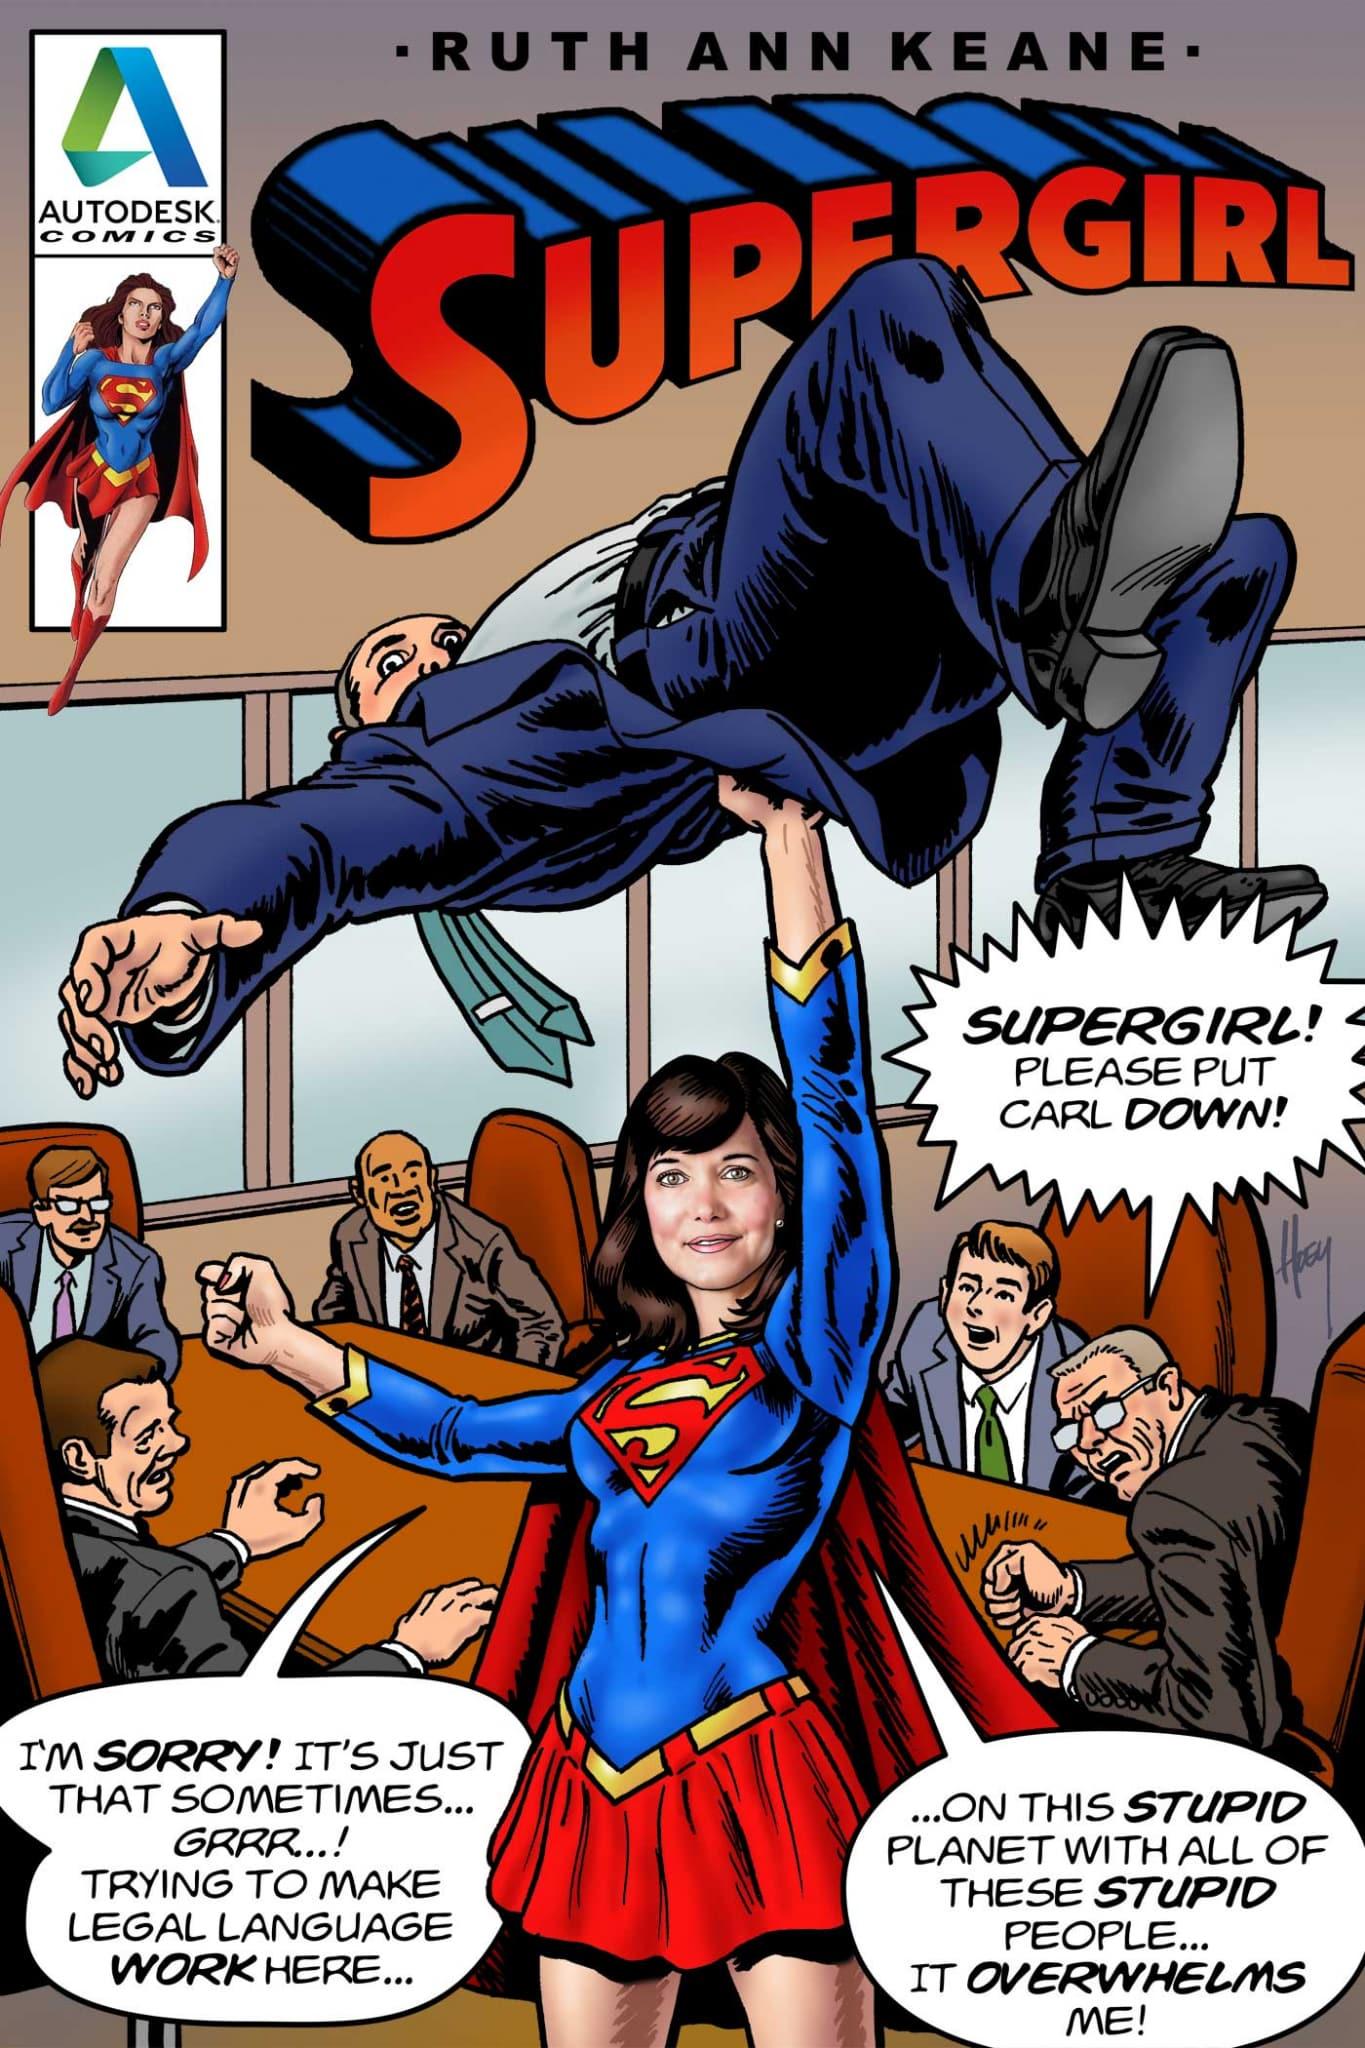 KH3432SG-supergirl-office-superhero-comic